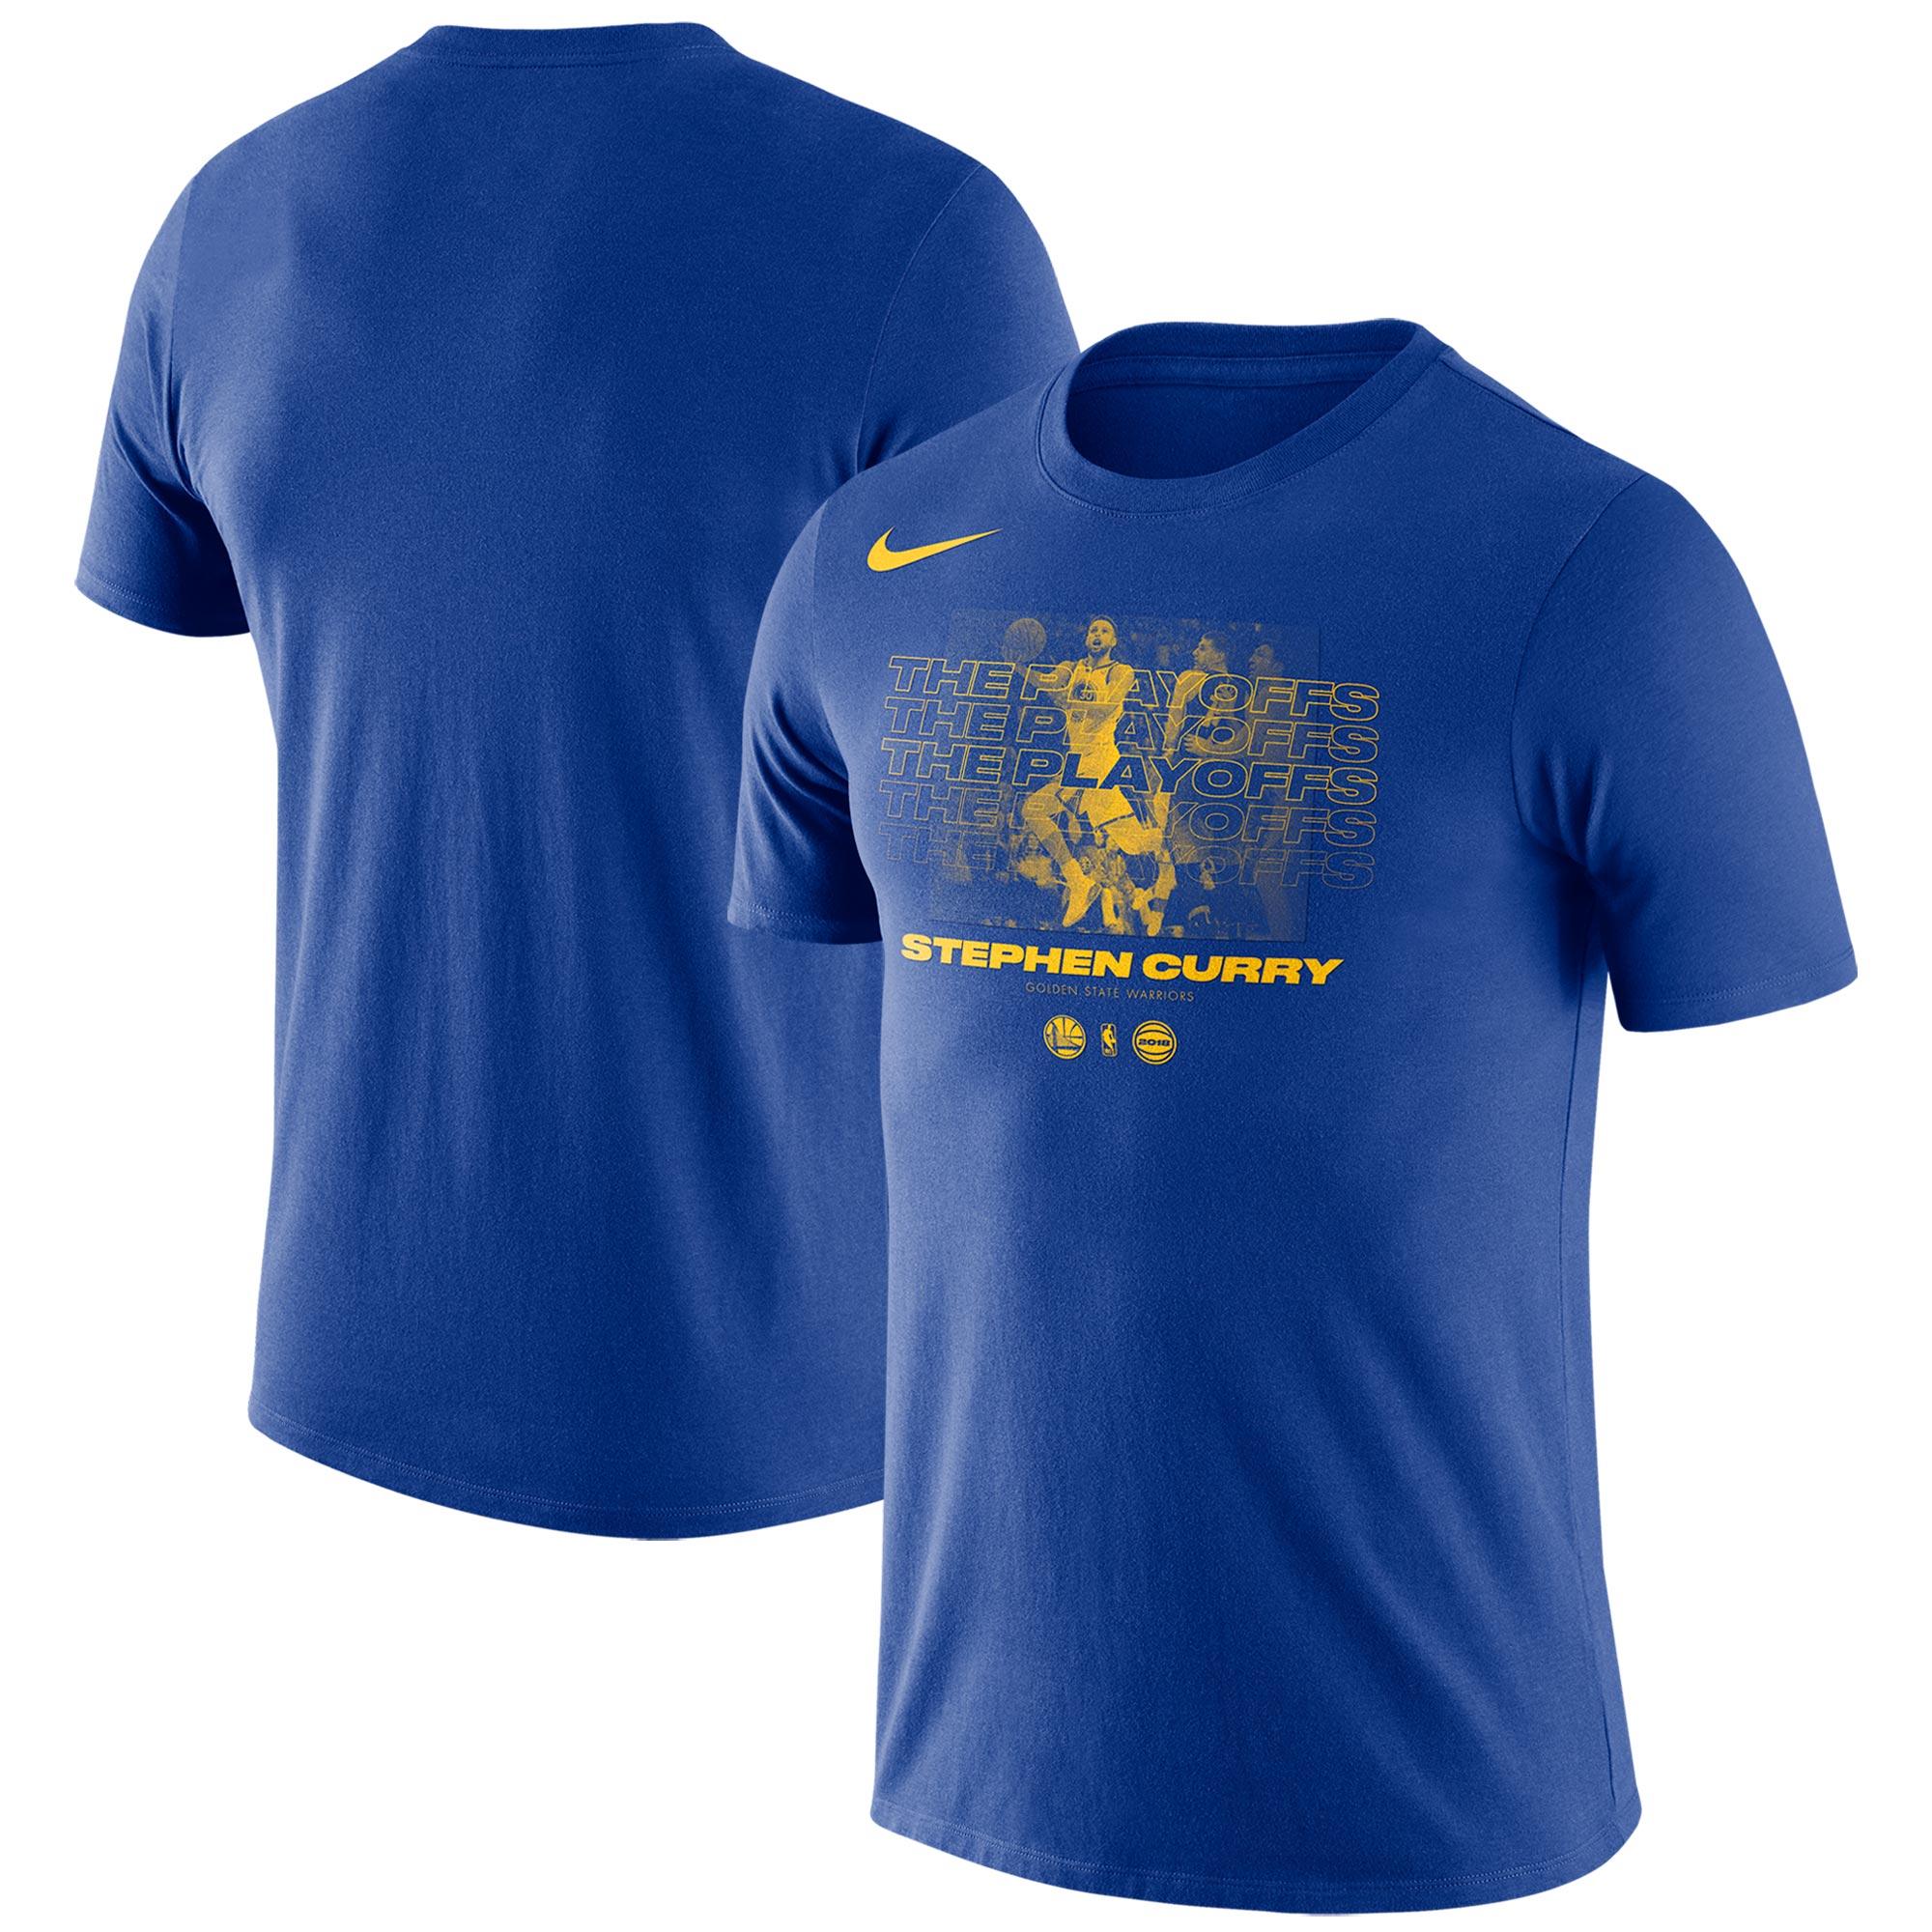 Stephen Curry Golden State Warriors Nike 2018 NBA Playoffs Player T-Shirt - Blue